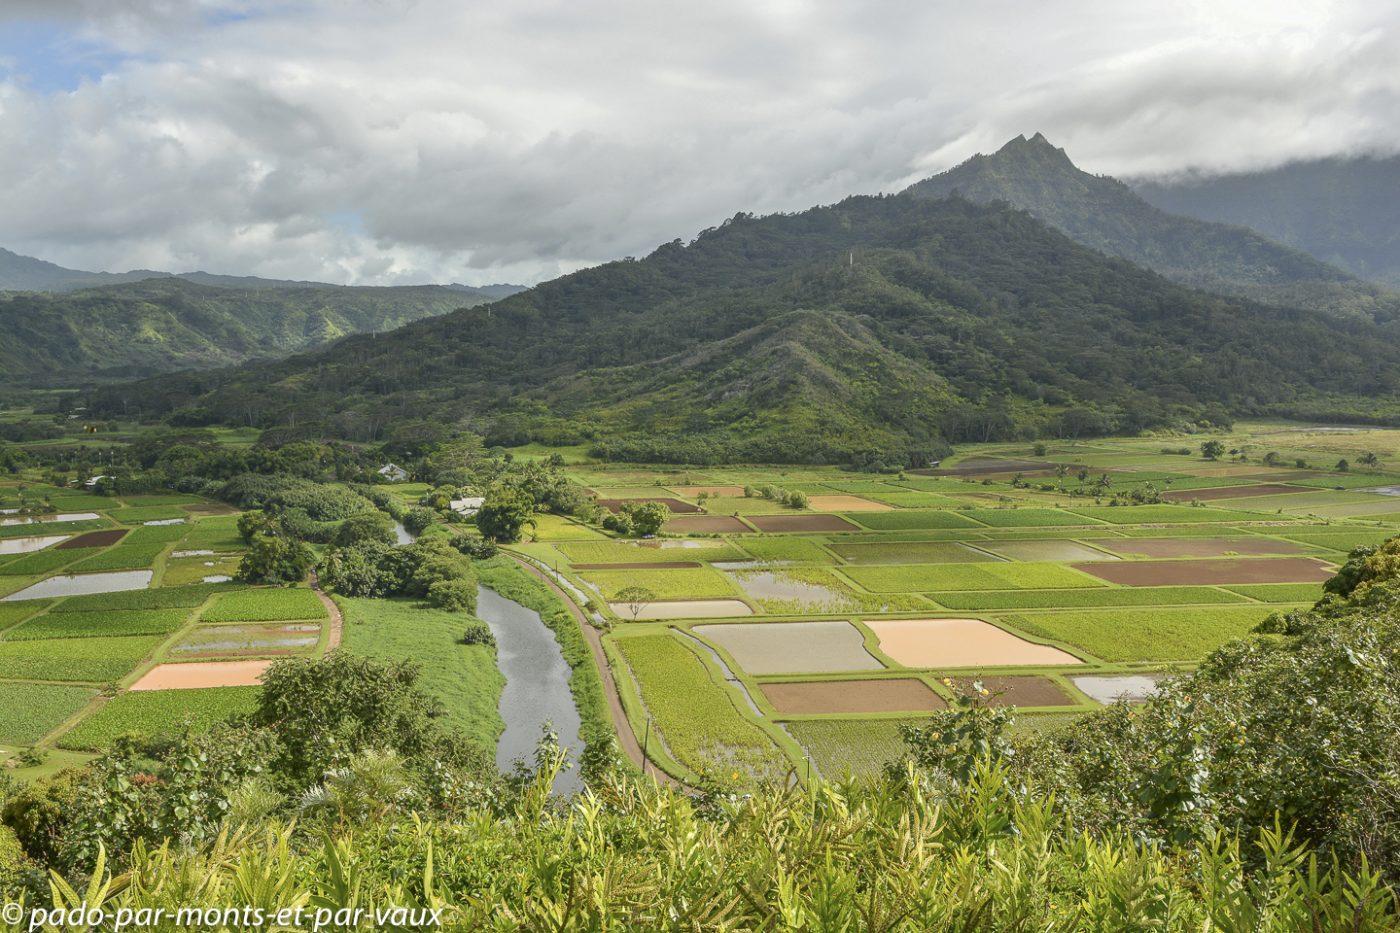 Kauai  - Hanalei valley lookout